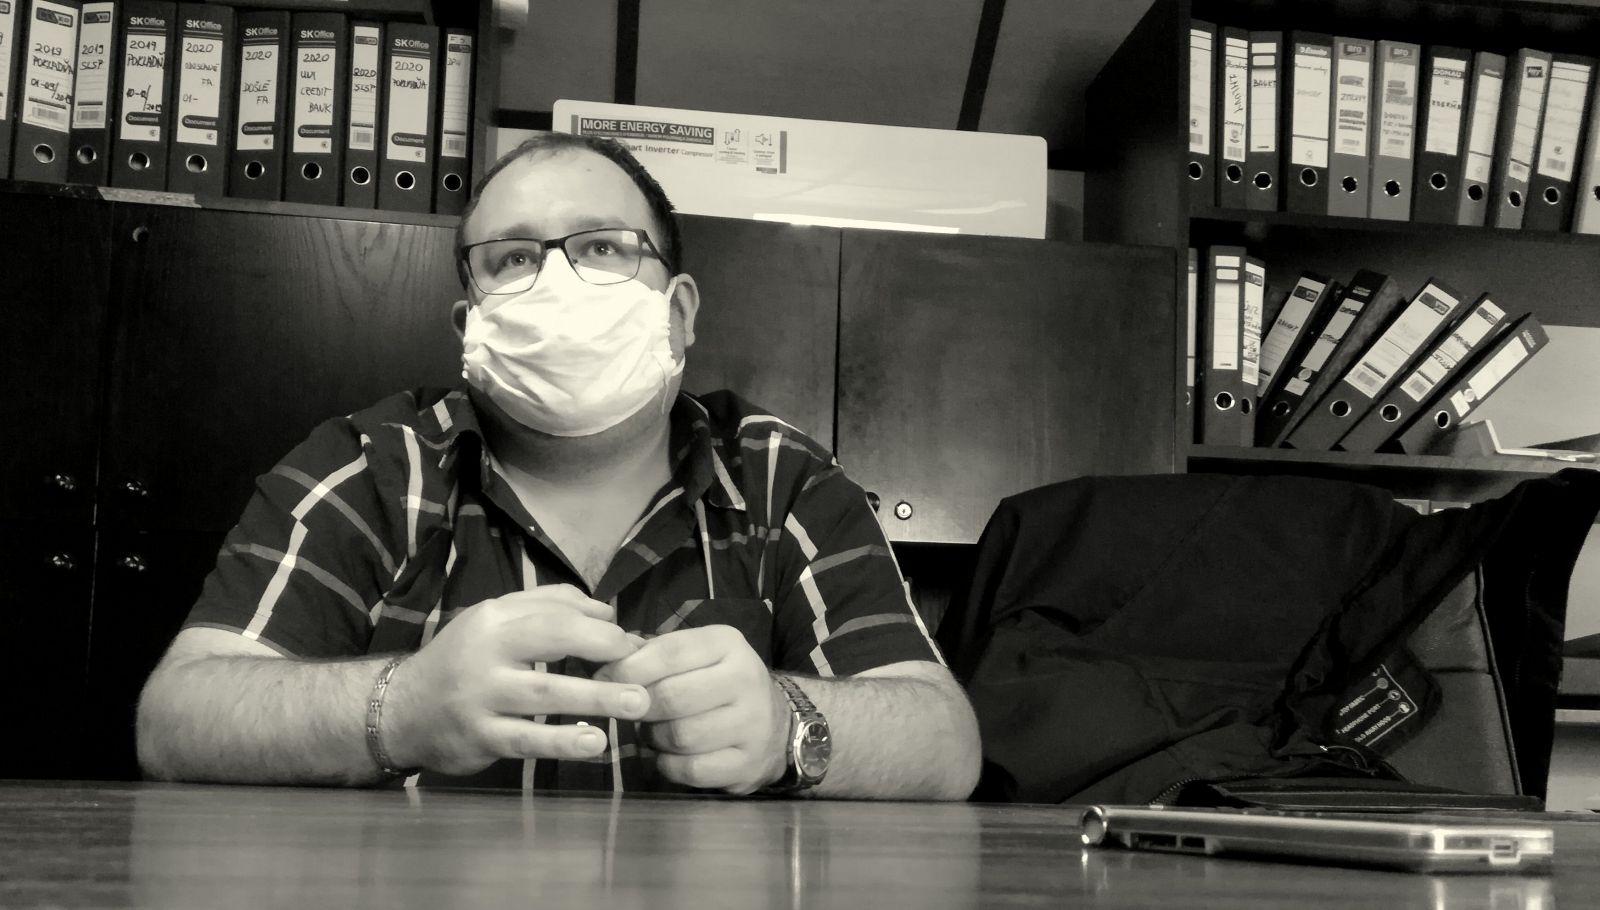 35-ročný Matúš Štofko koronavírus porazil ľahko. Takmer bez symptómov.